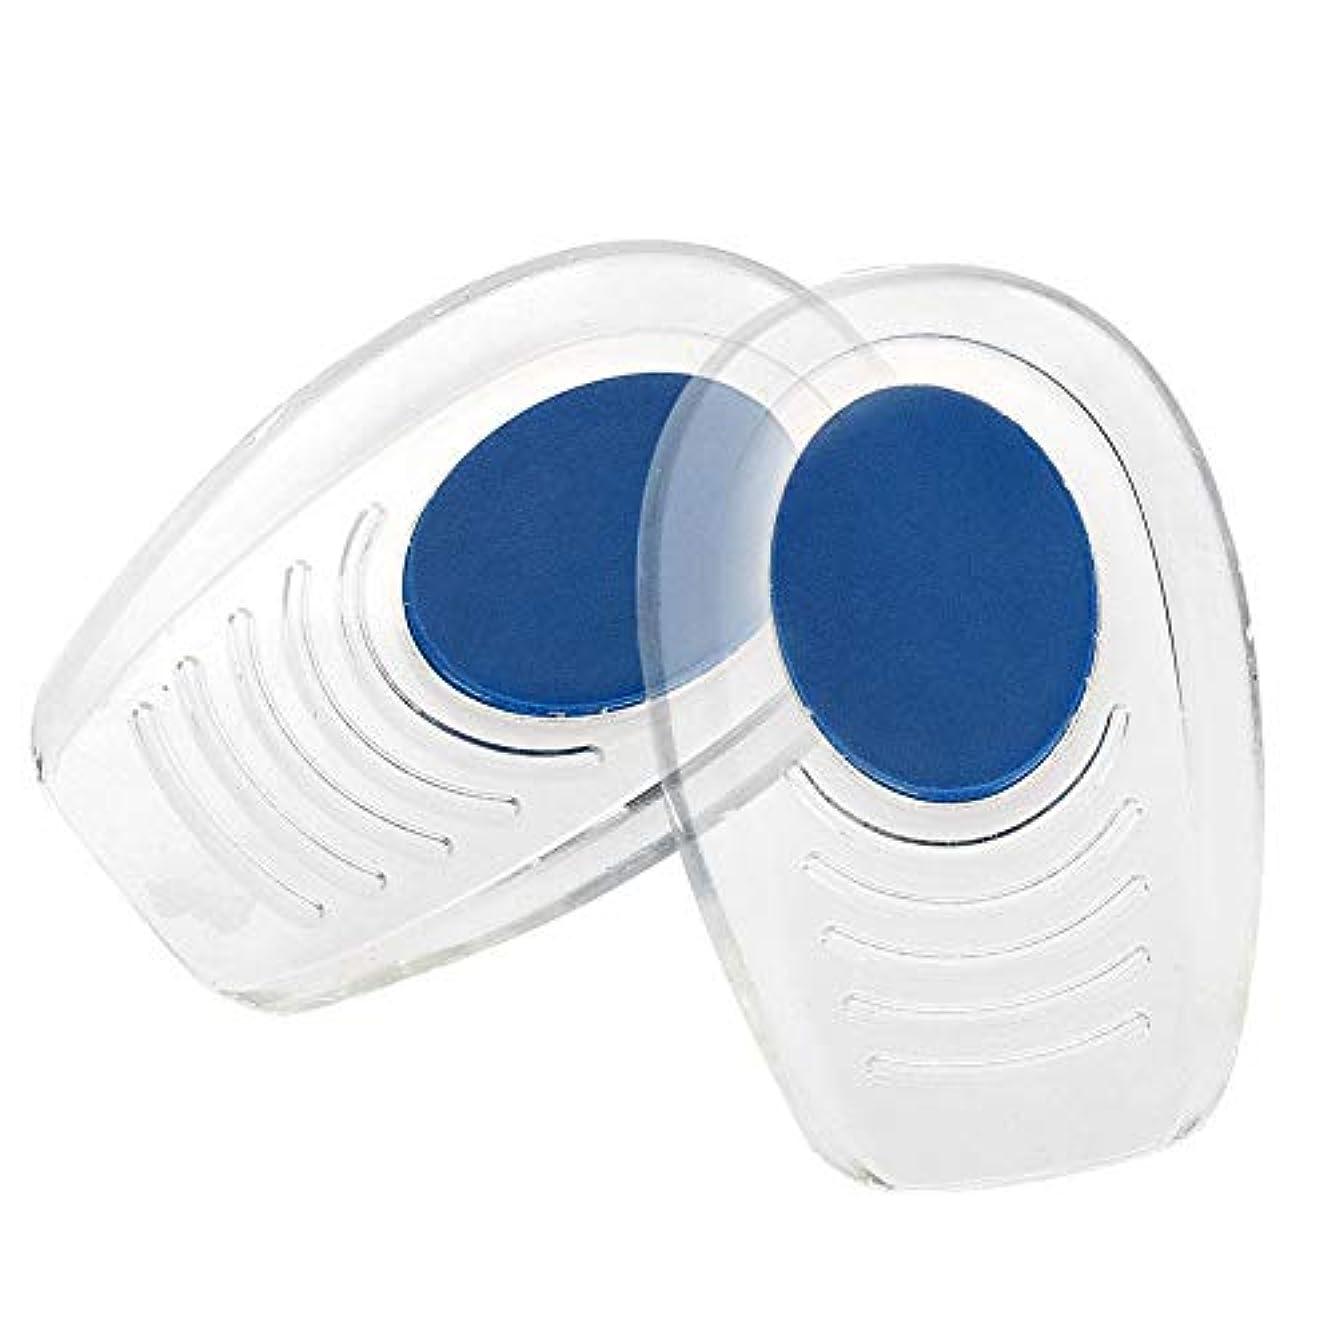 接地同一の排除するソフトインソール かかと痛みパッド   シリコーン衝撃吸収ヒールパッド (滑り止めテクスチャー付) ブルー パッドフットケアツール (S(7*10.5CM))